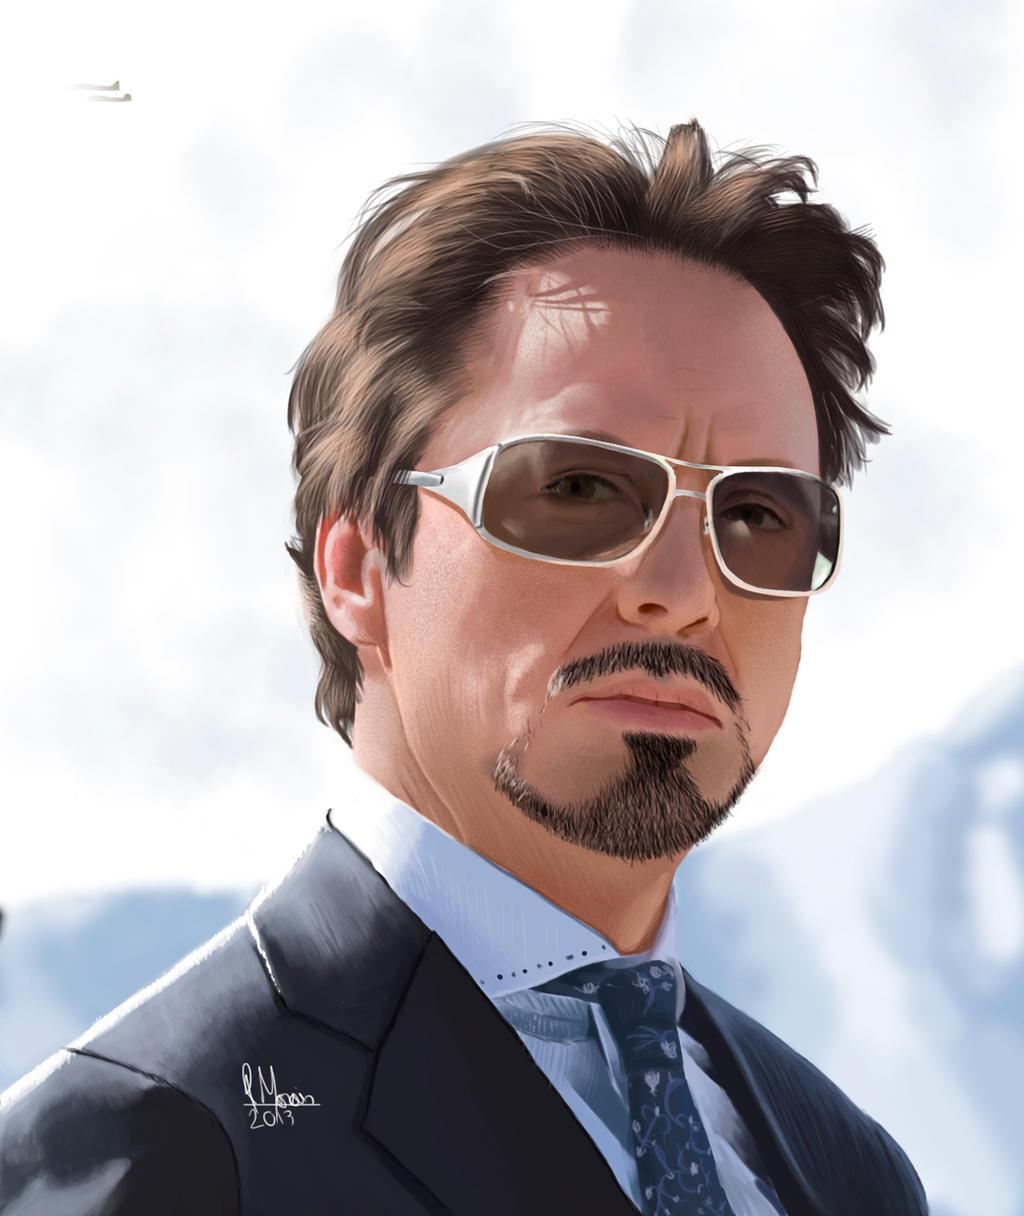 Tony Stark Beard 13 12 Styles For Modern Men